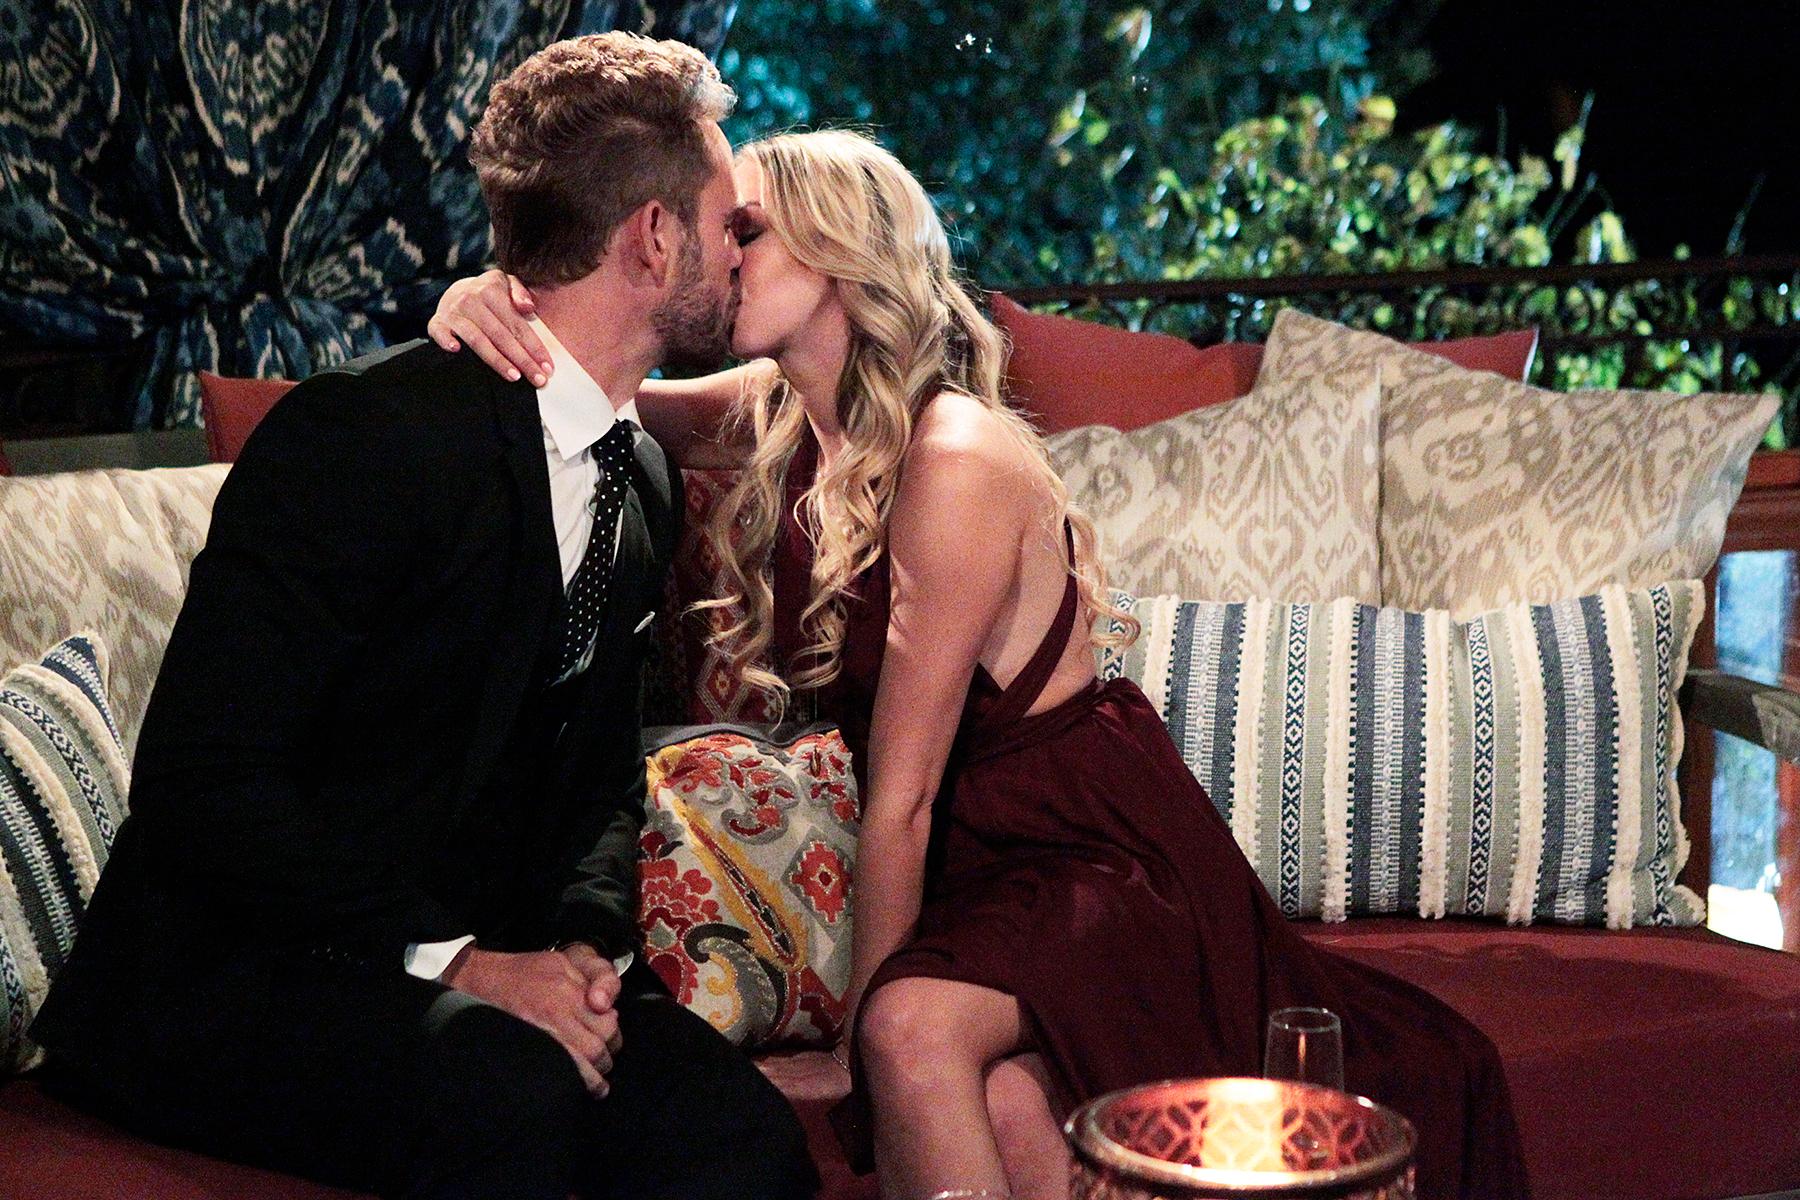 Nick Viall Corinne kissing The Bachelor